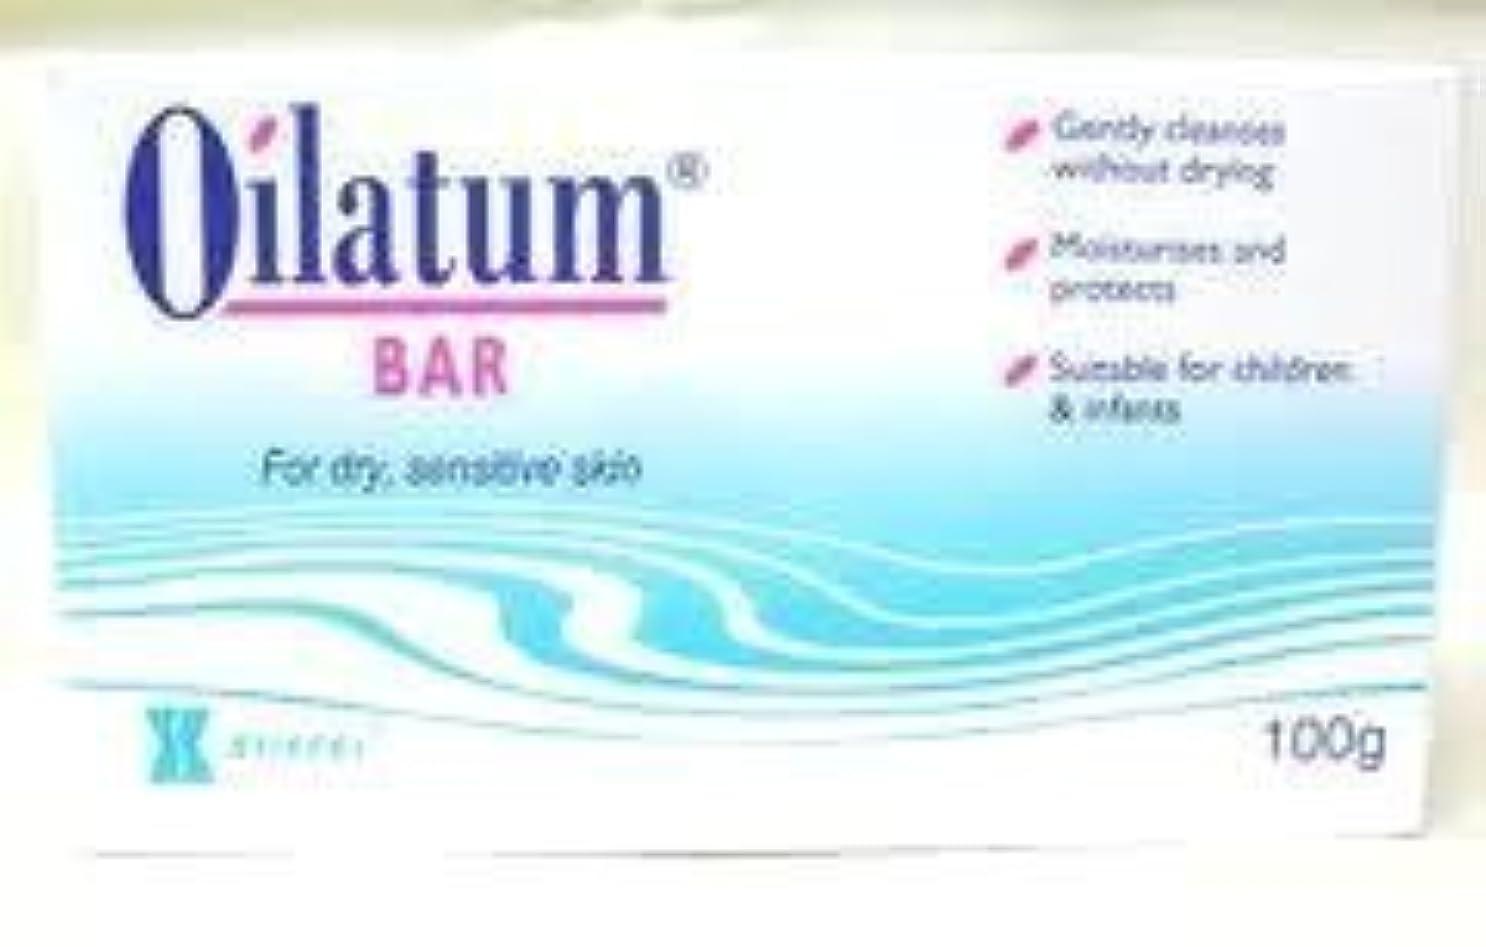 接ぎ木舗装和らげるOilatum Bar Soap for Sensitive Soap Skin Free Shipping 100g. by Oilatum